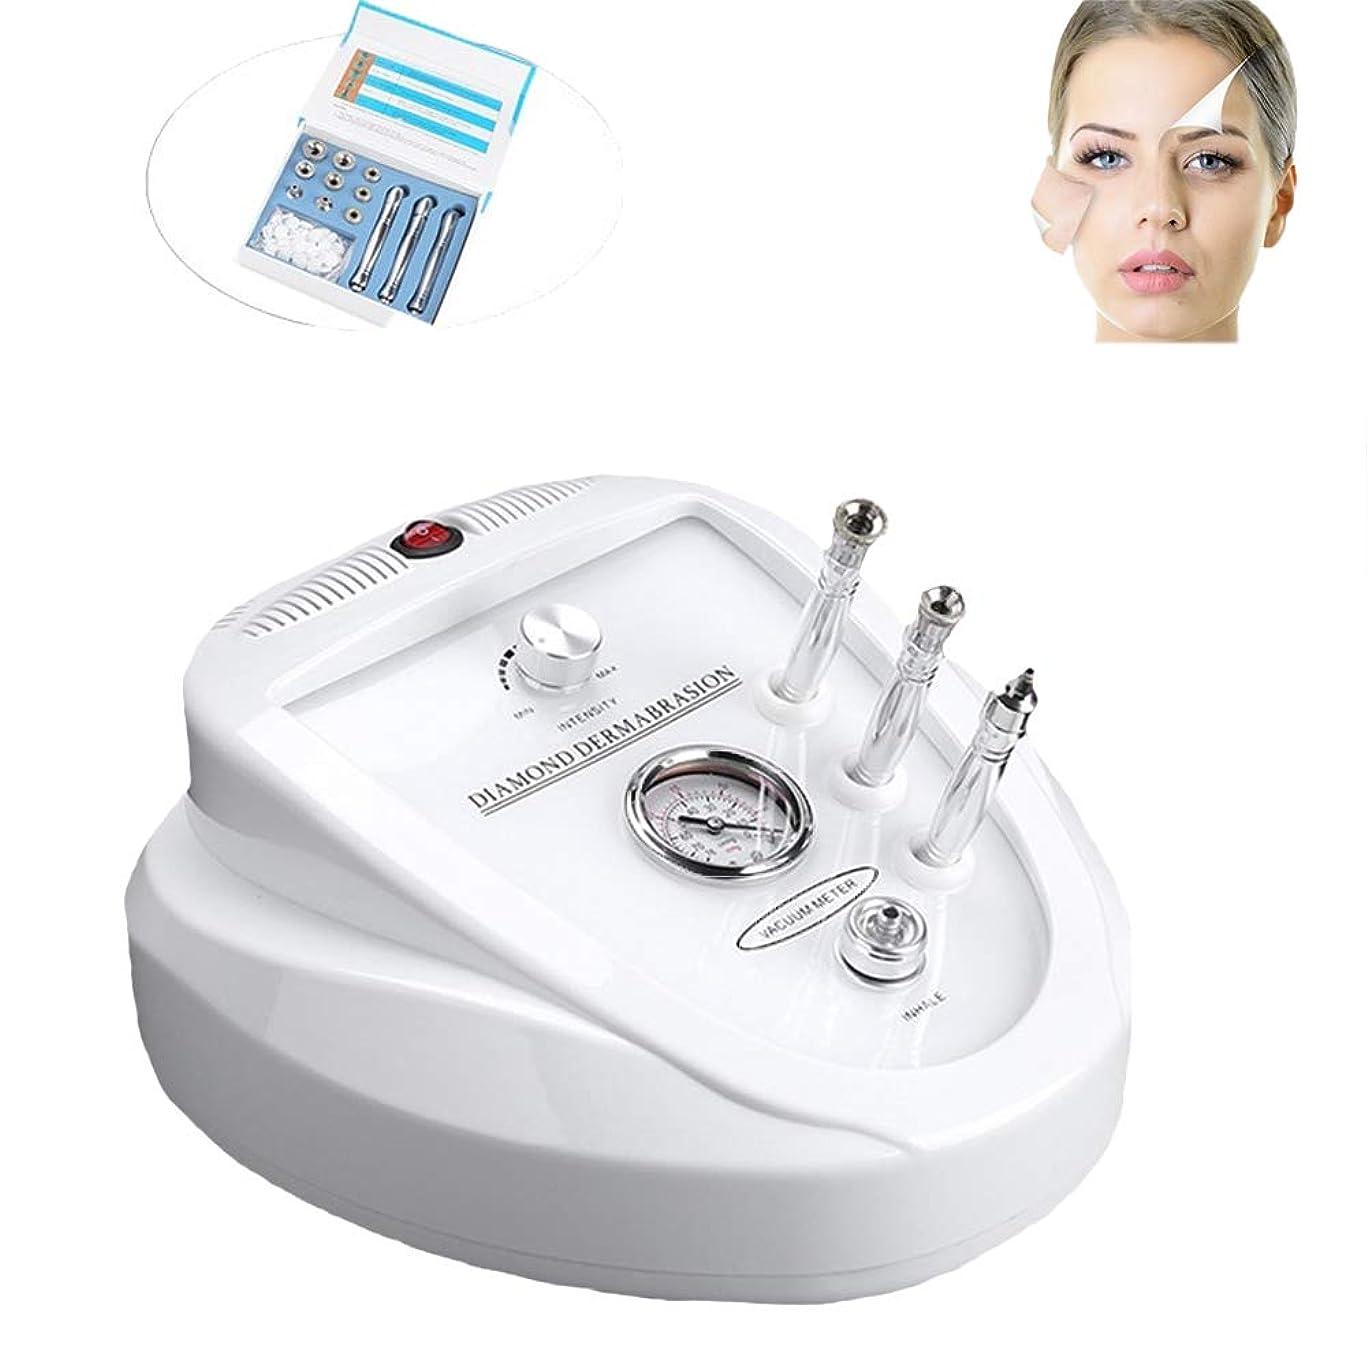 上げる初期の保険をかける3-1 - ダイヤモンド皮膚剥離マイクロダーマブレーションマシン剥離皮膚更新機器